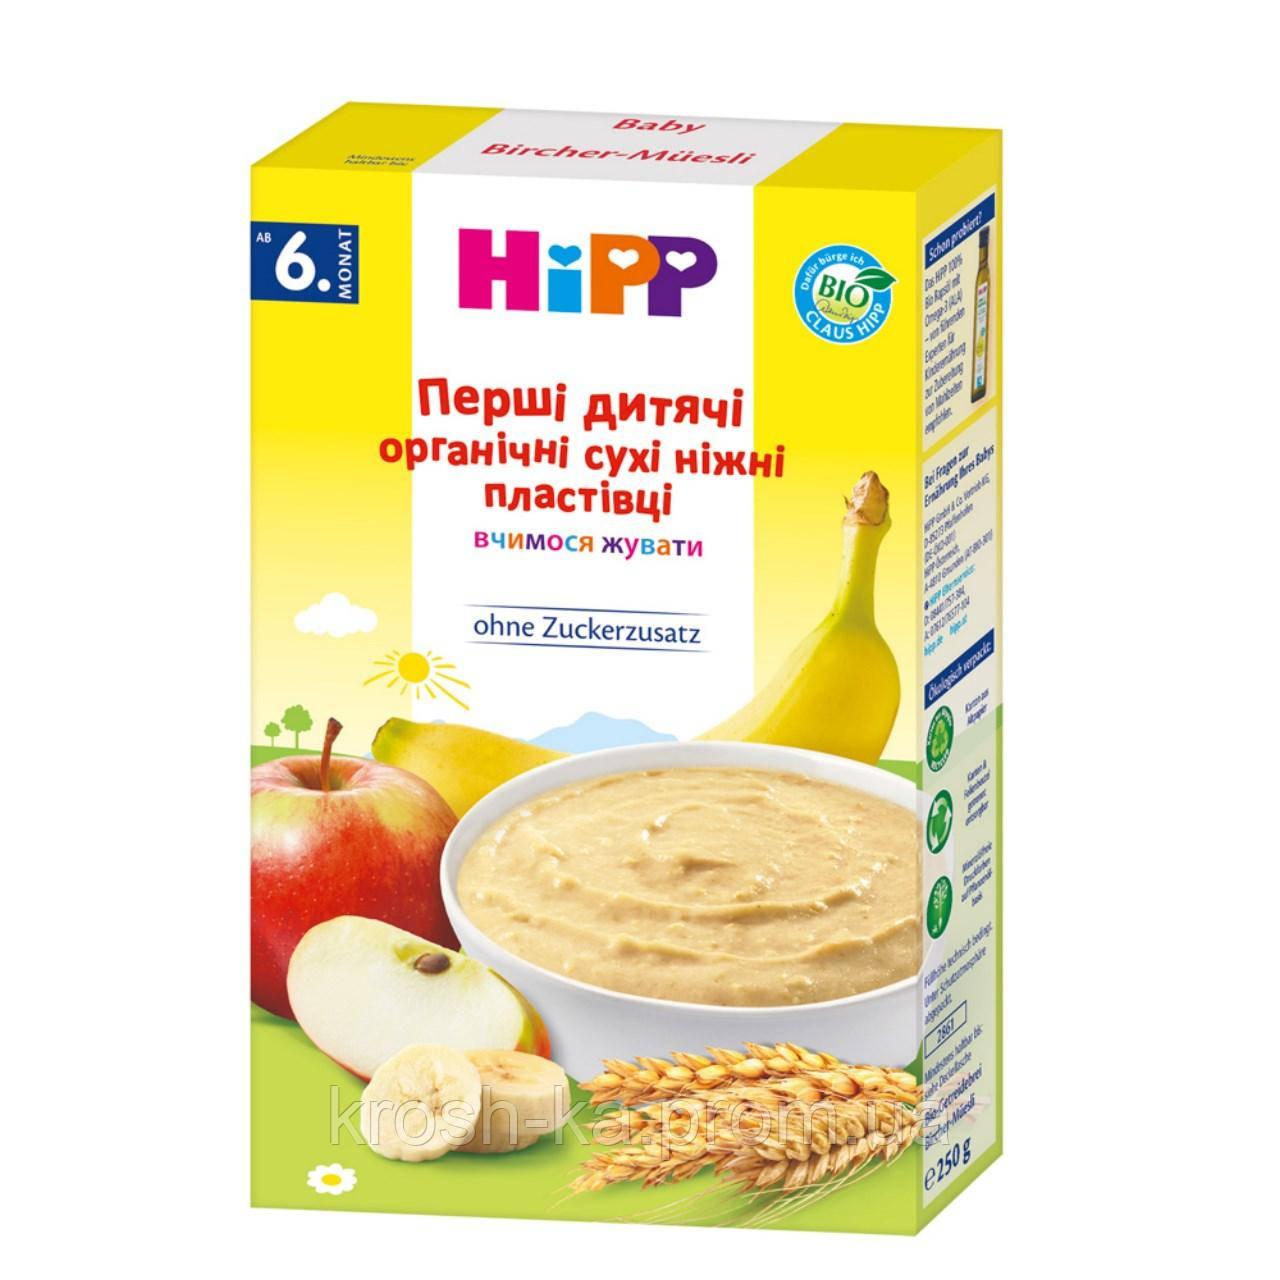 Детские Первые  Хлопья органические сухие и нежные Hipp Германия 2861